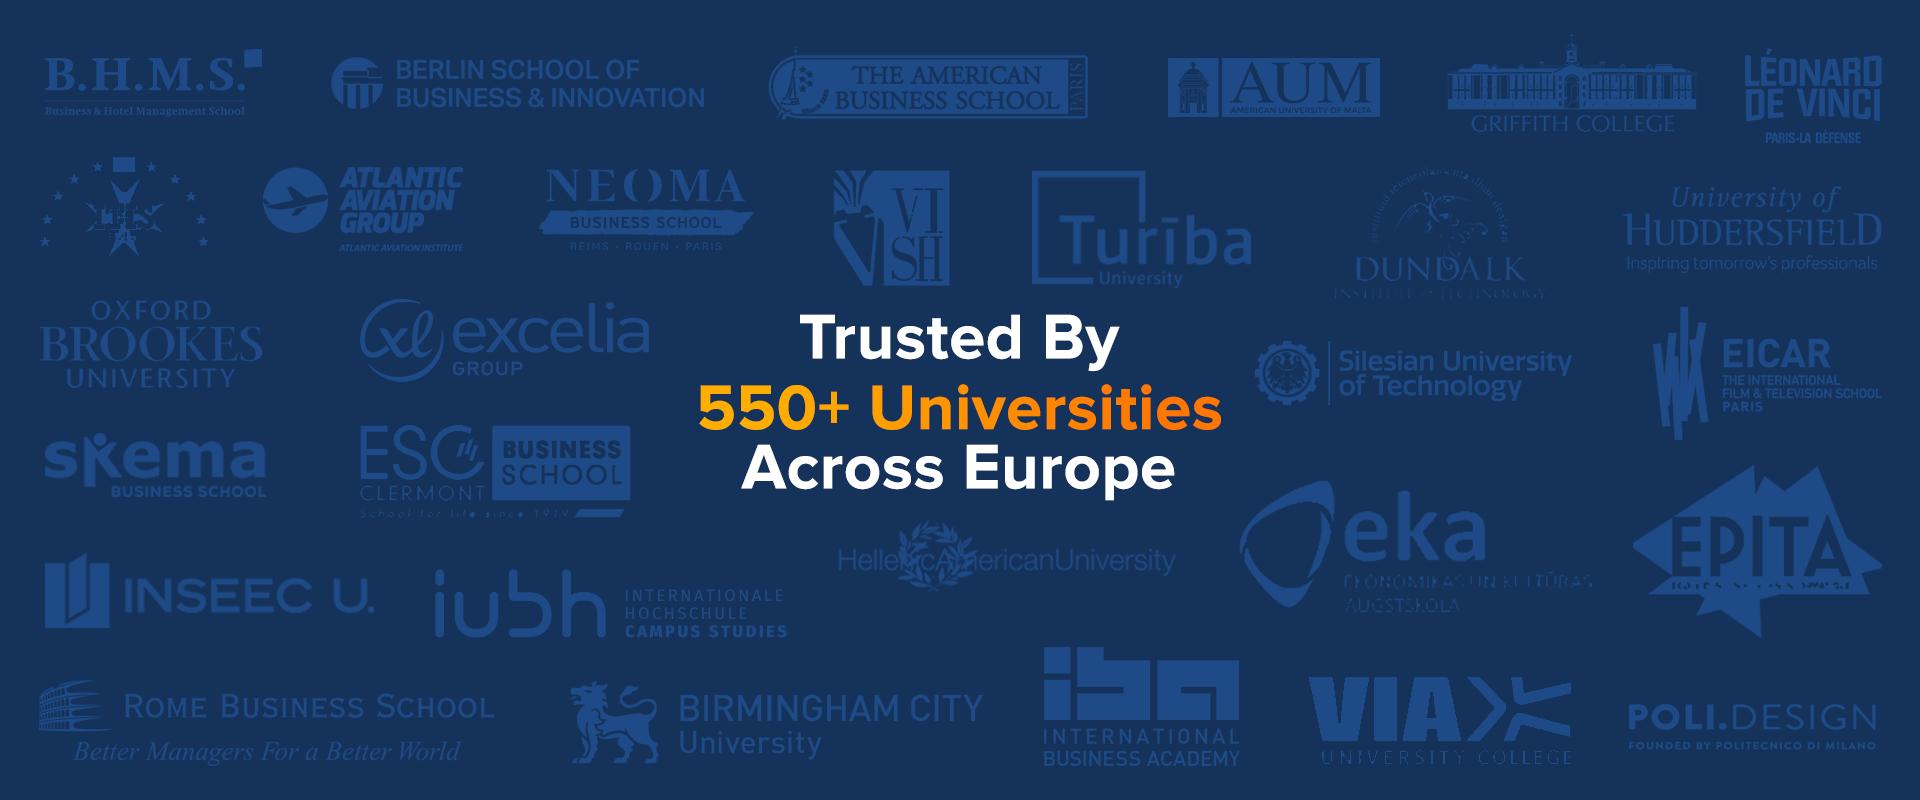 Europr 550+ Universities